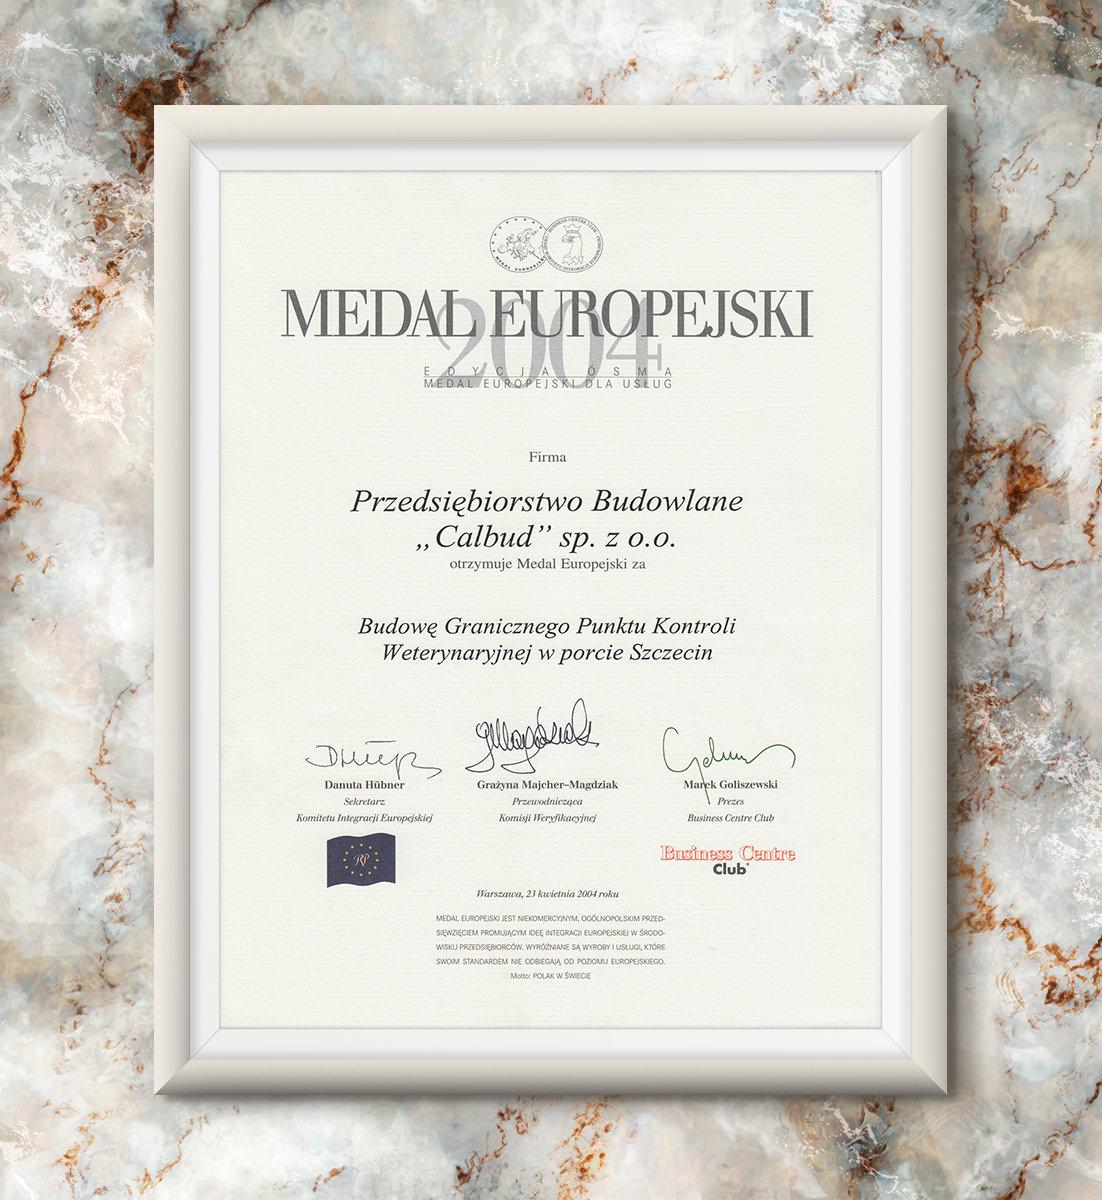 Medal Europejski 2004 - Graniczny Punkt Kontroli Weterynaryjnej